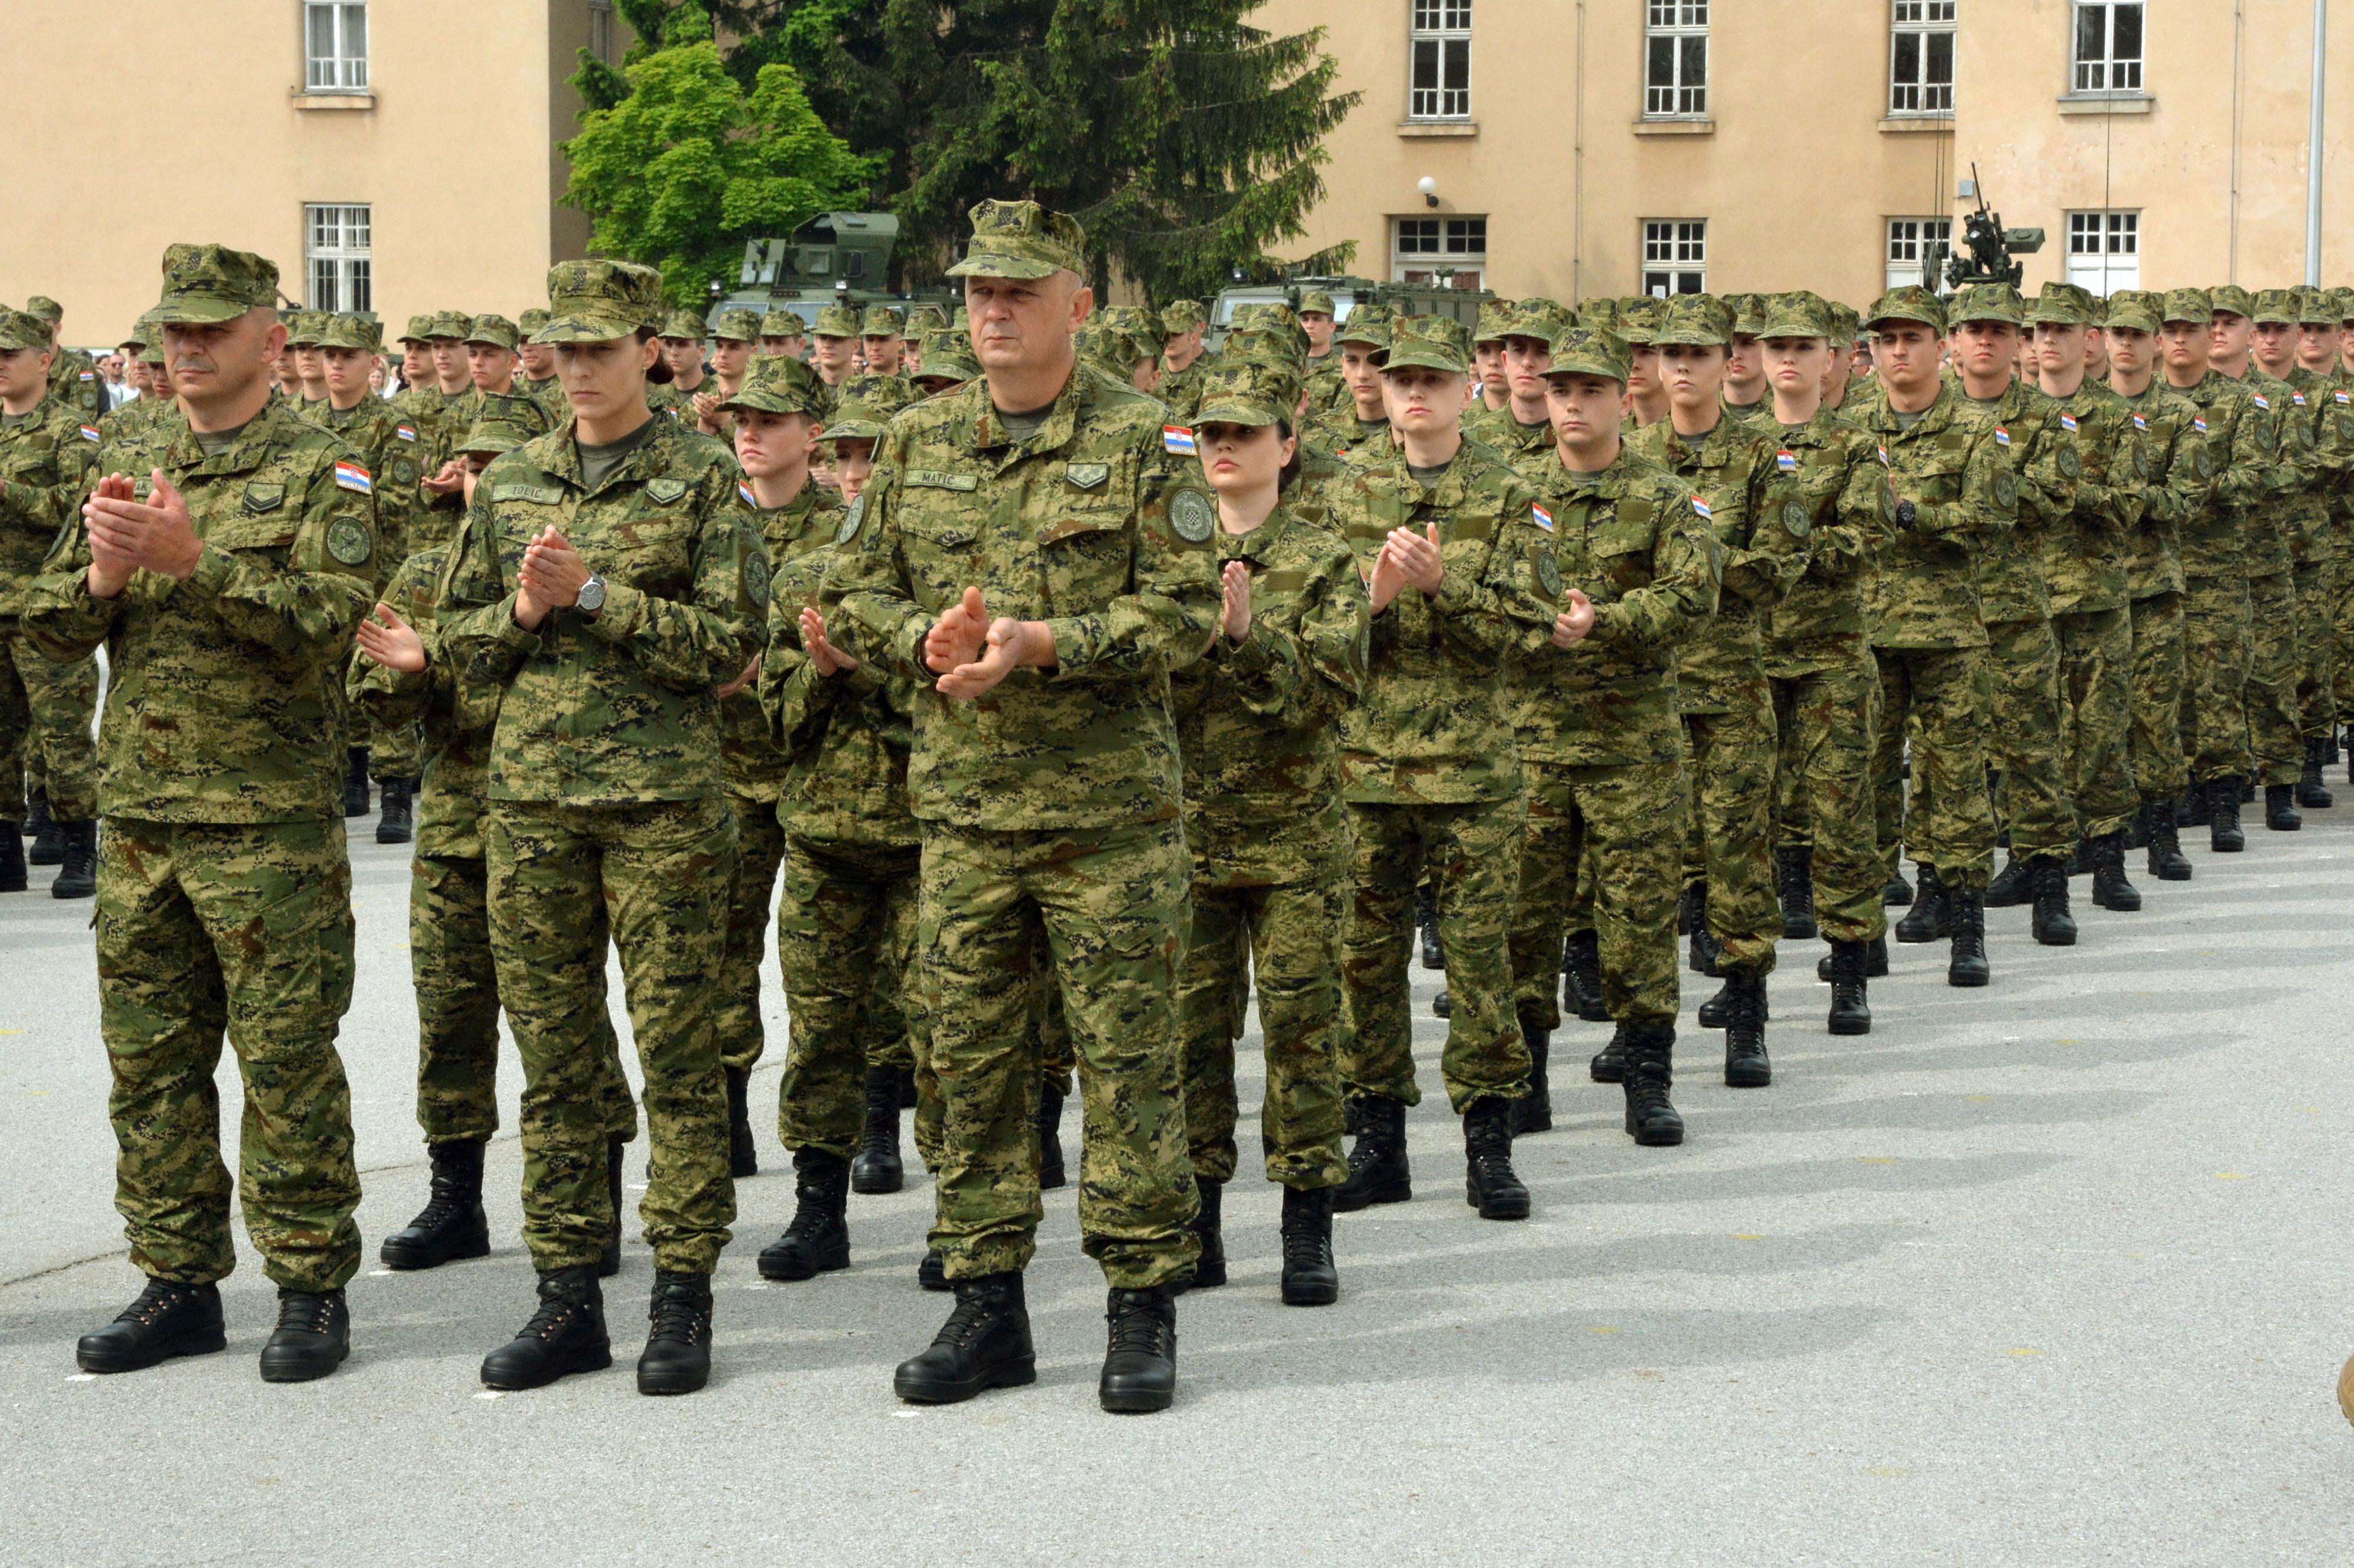 Što očekivati prilikom izlaska s muškarcem u vojsci